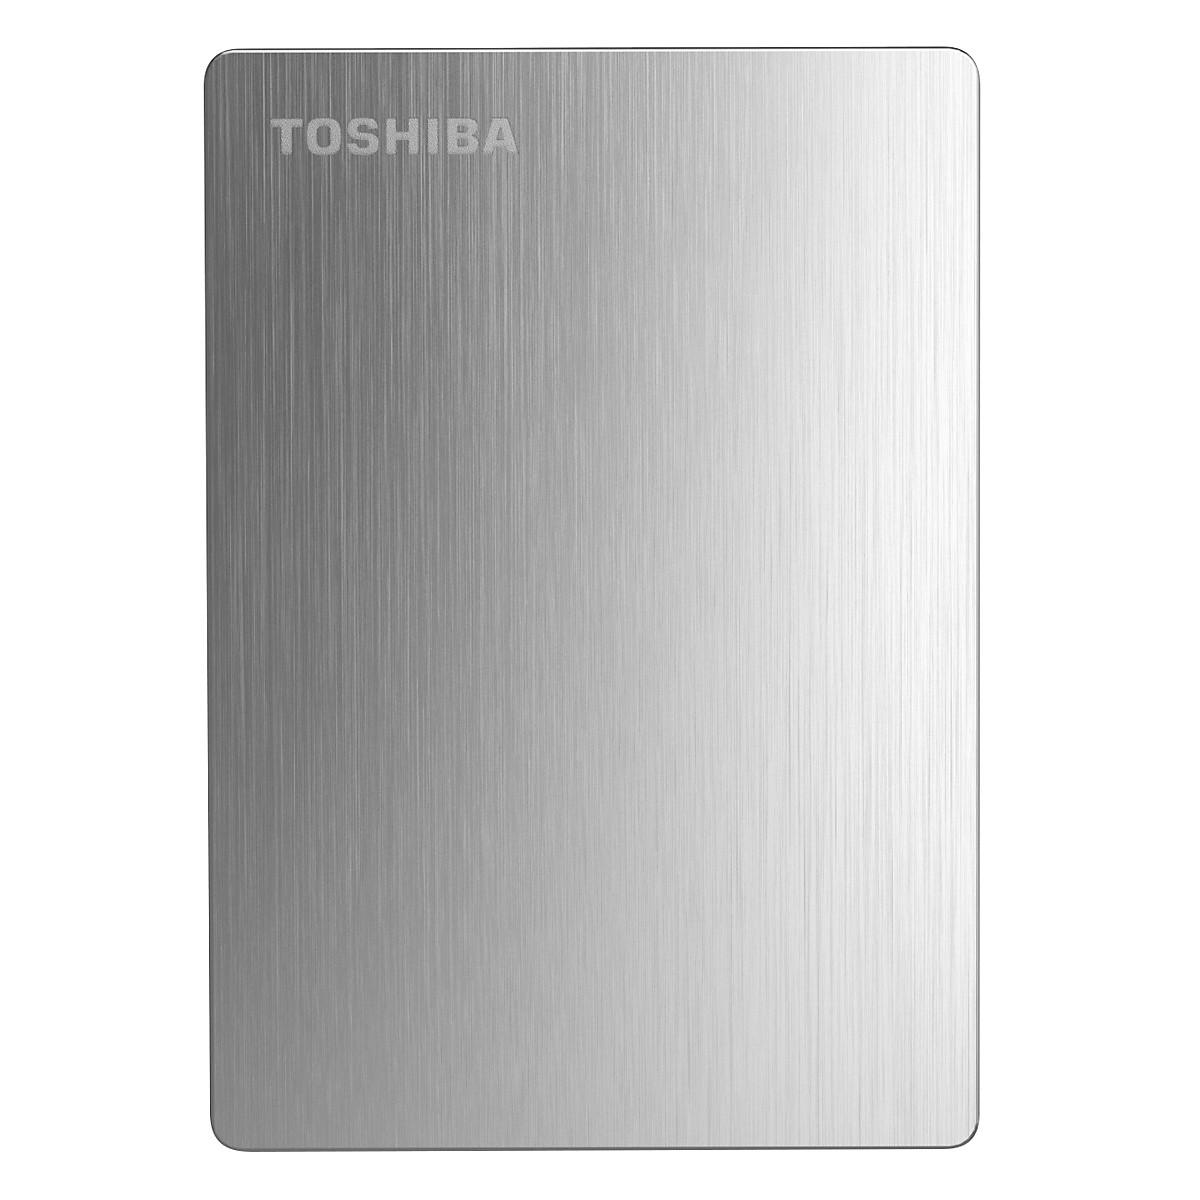 Ổ Cứng Di Động Toshiba CANVIO SLIM 1TB – USB 3.0 – Hàng Chính Hãng